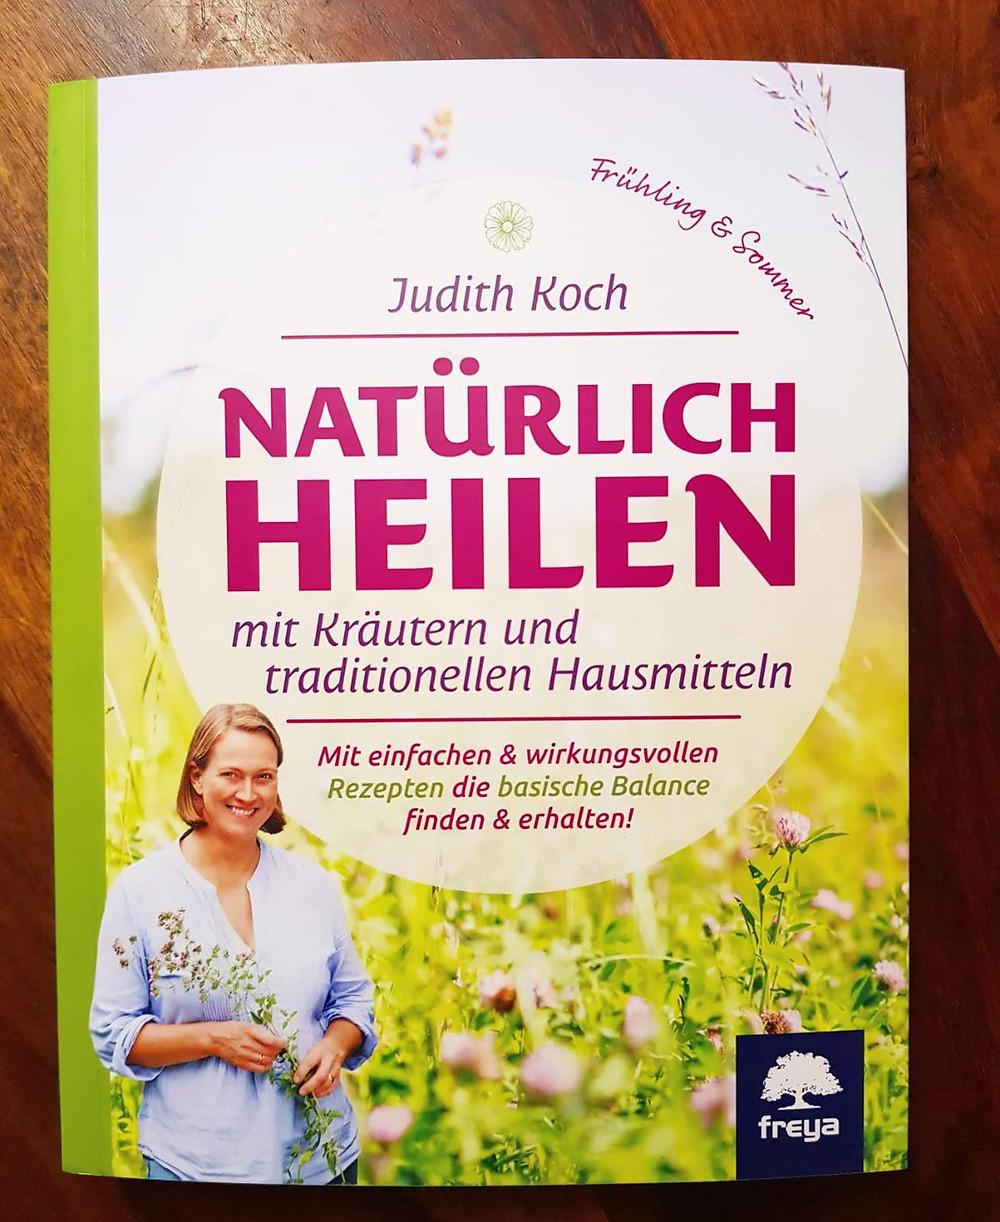 """Natürlich heilen mit Kräutern und traditionellen Hausmitteln"""" von Judith Koch"""